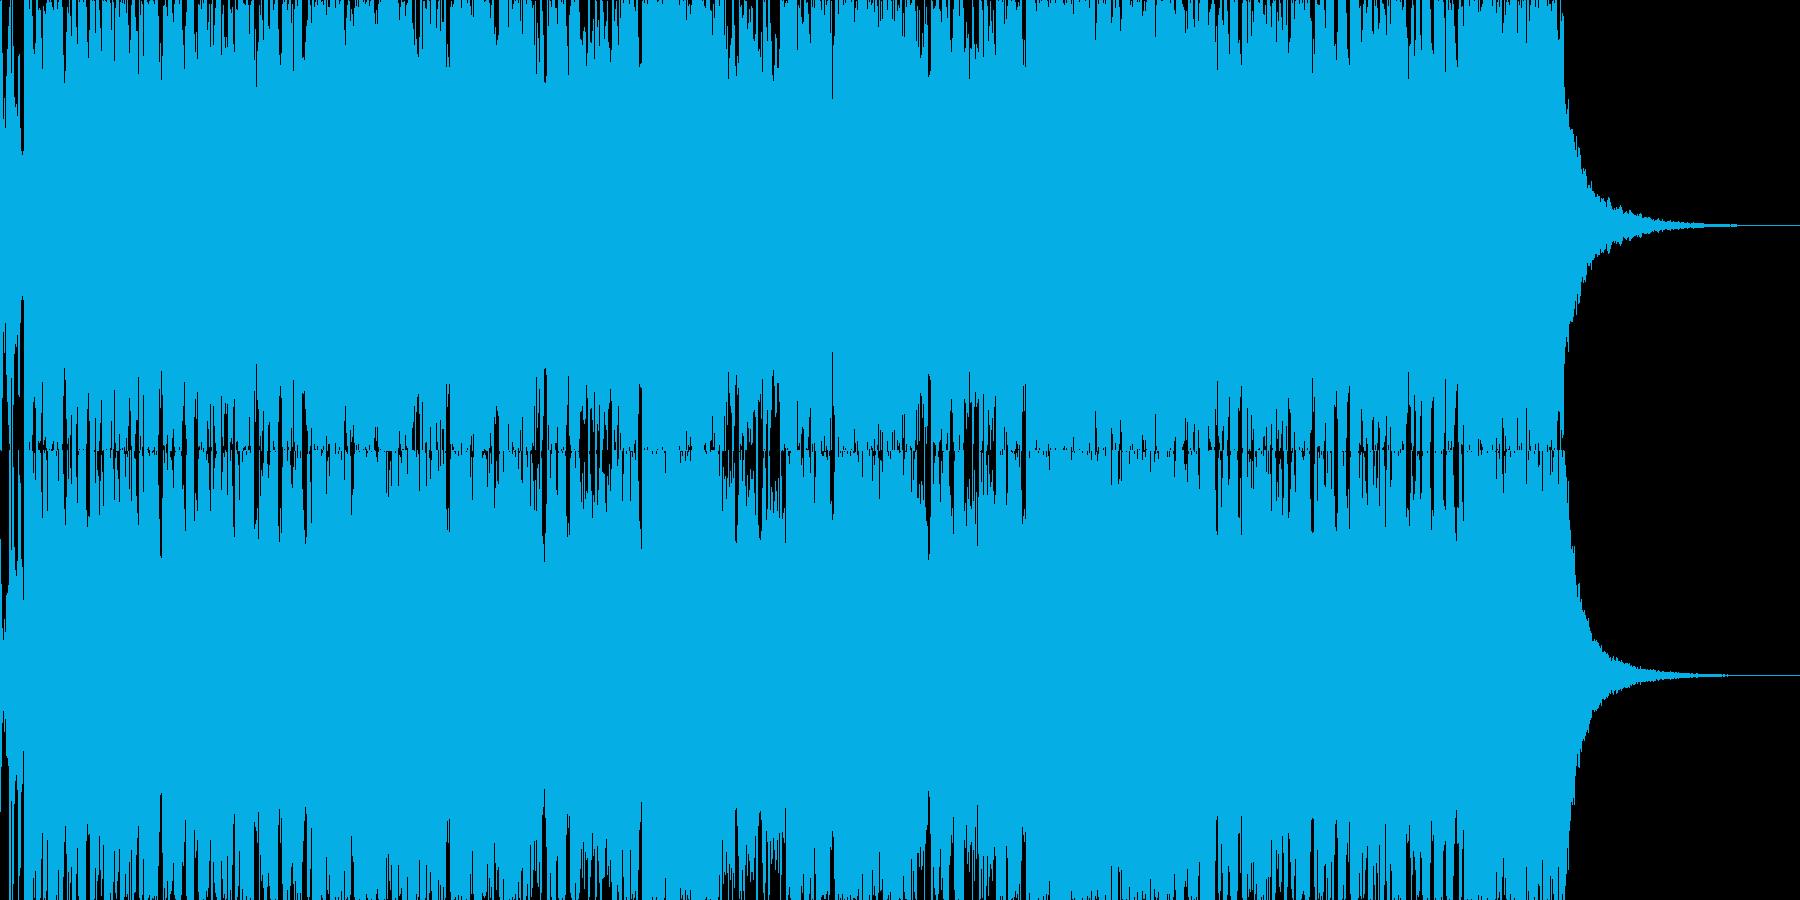 【ロックブルース】コミカルロックブルースの再生済みの波形